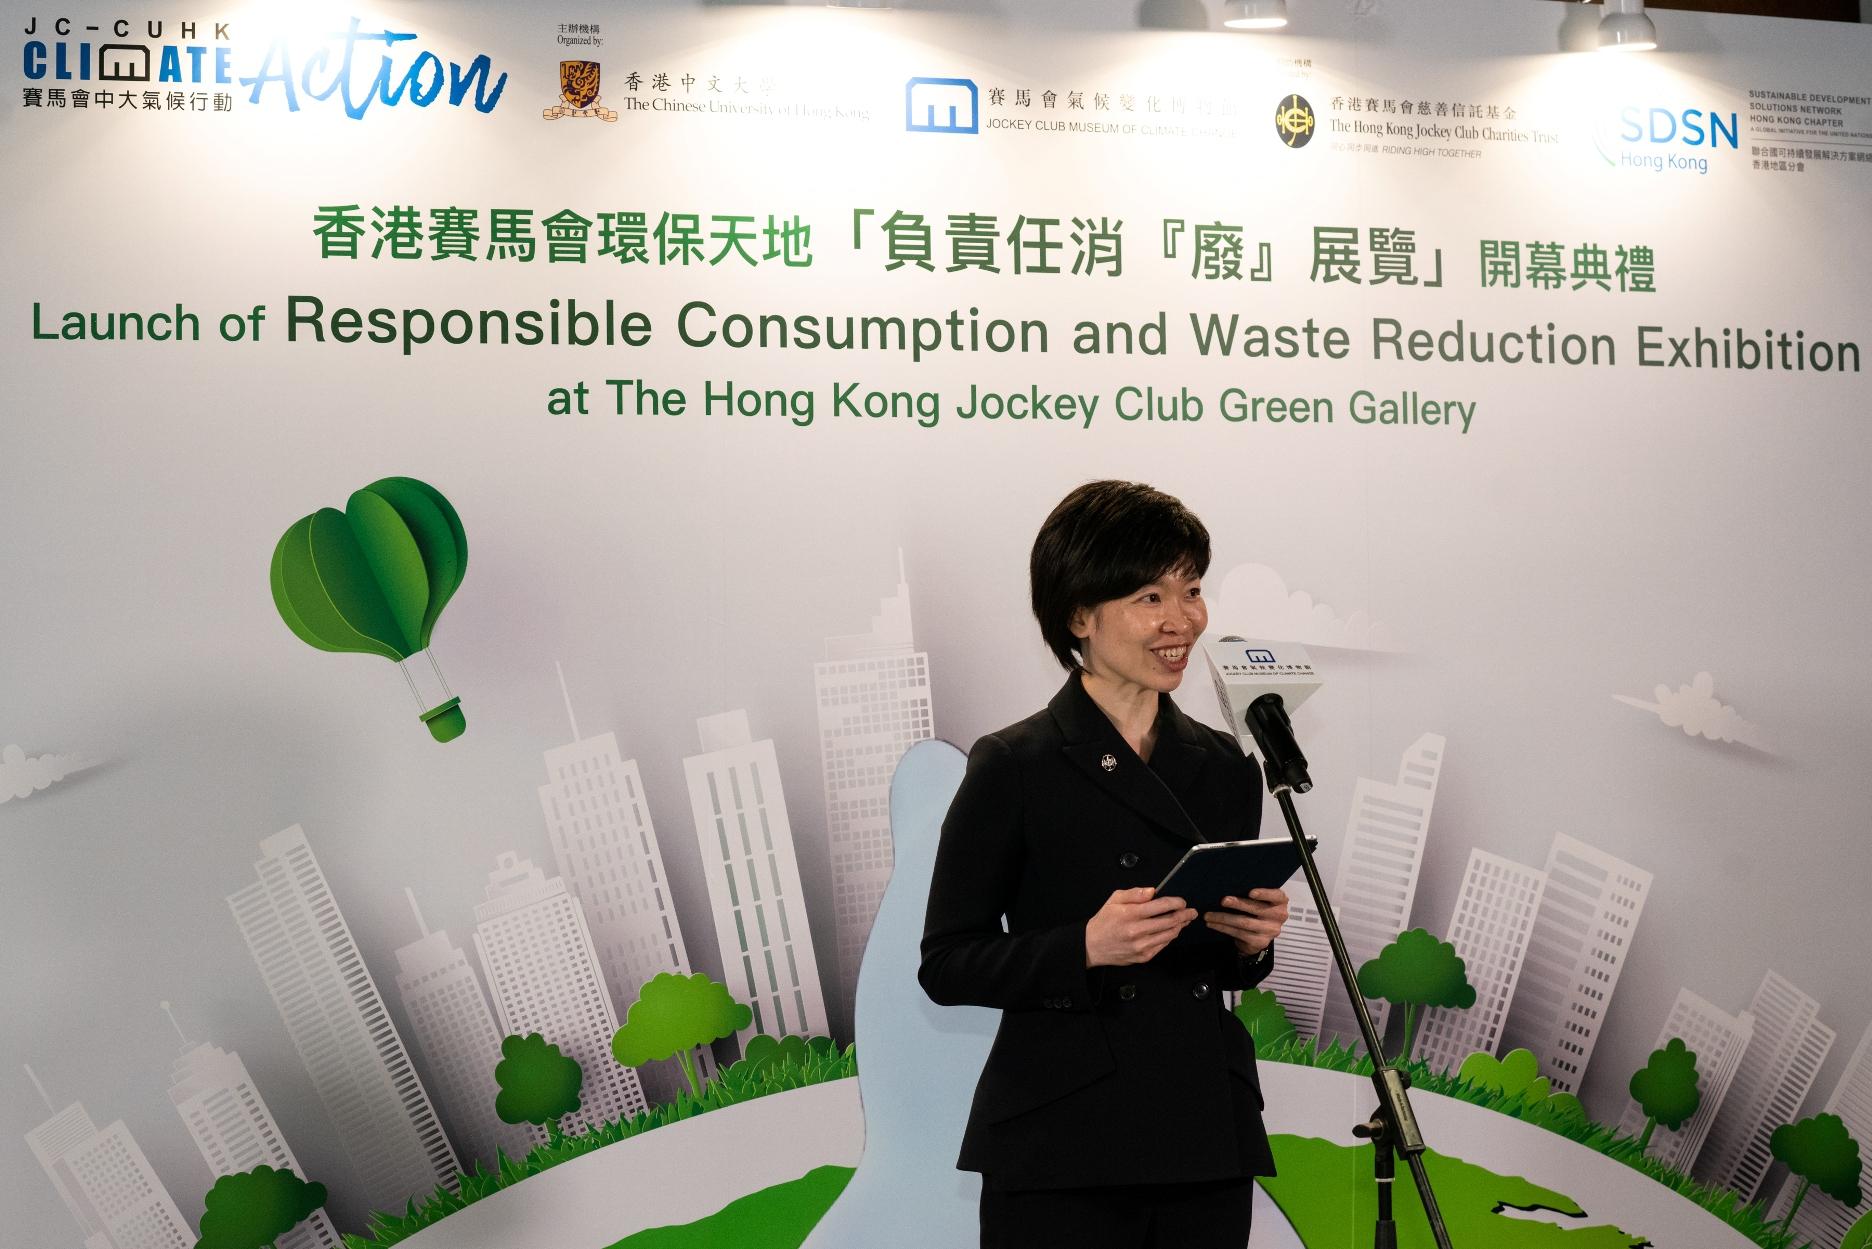 香港赛马会慈善事务高级经理(体育及环保)邓咏茵小姐在典礼上致开幕辞